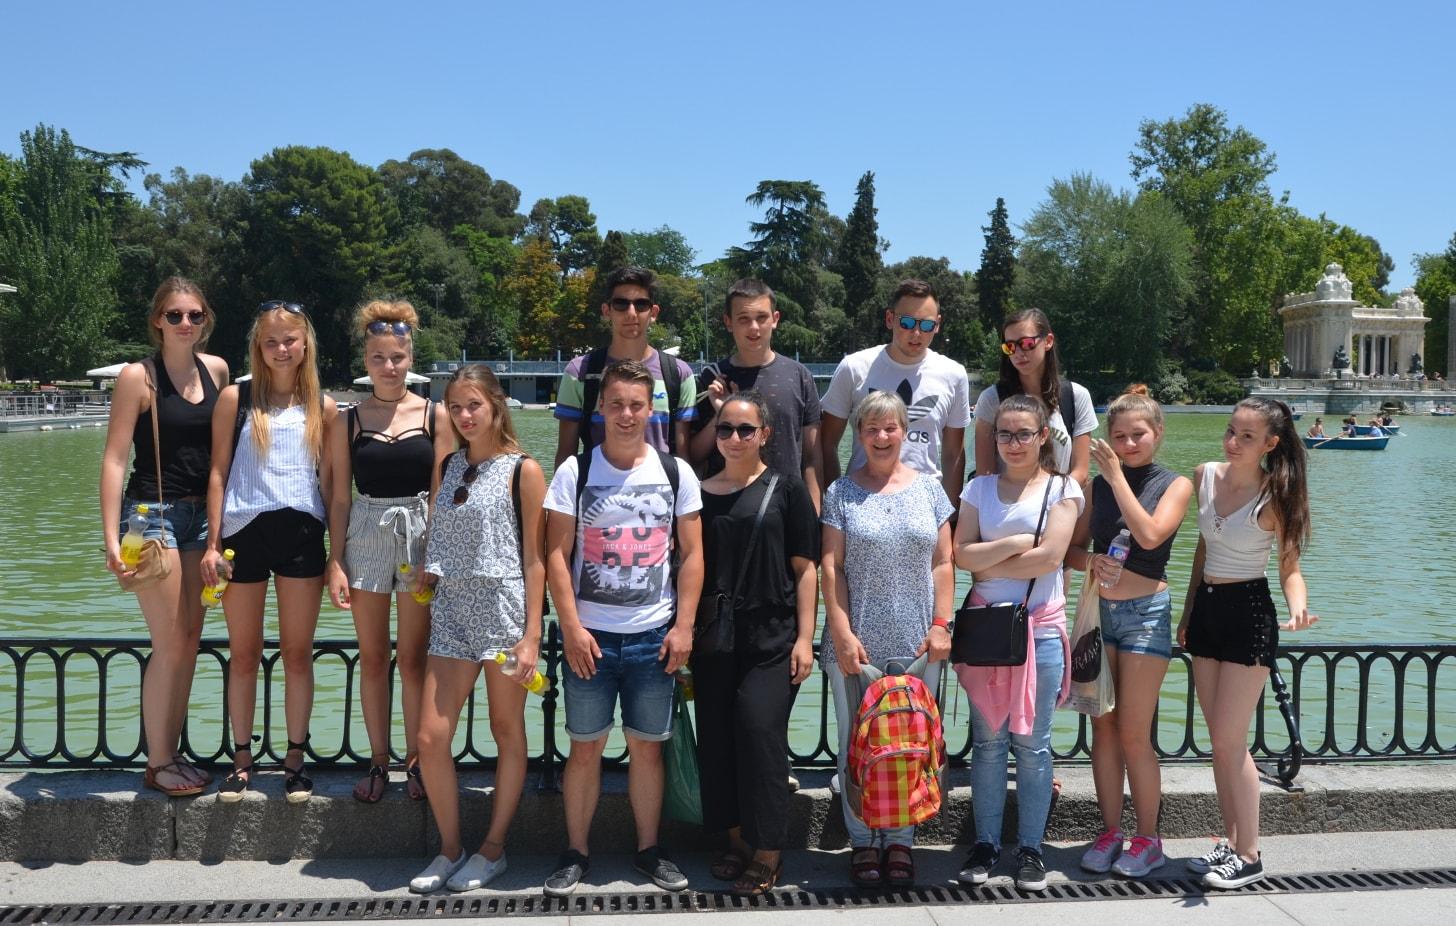 Die gruppe in El Retiro park